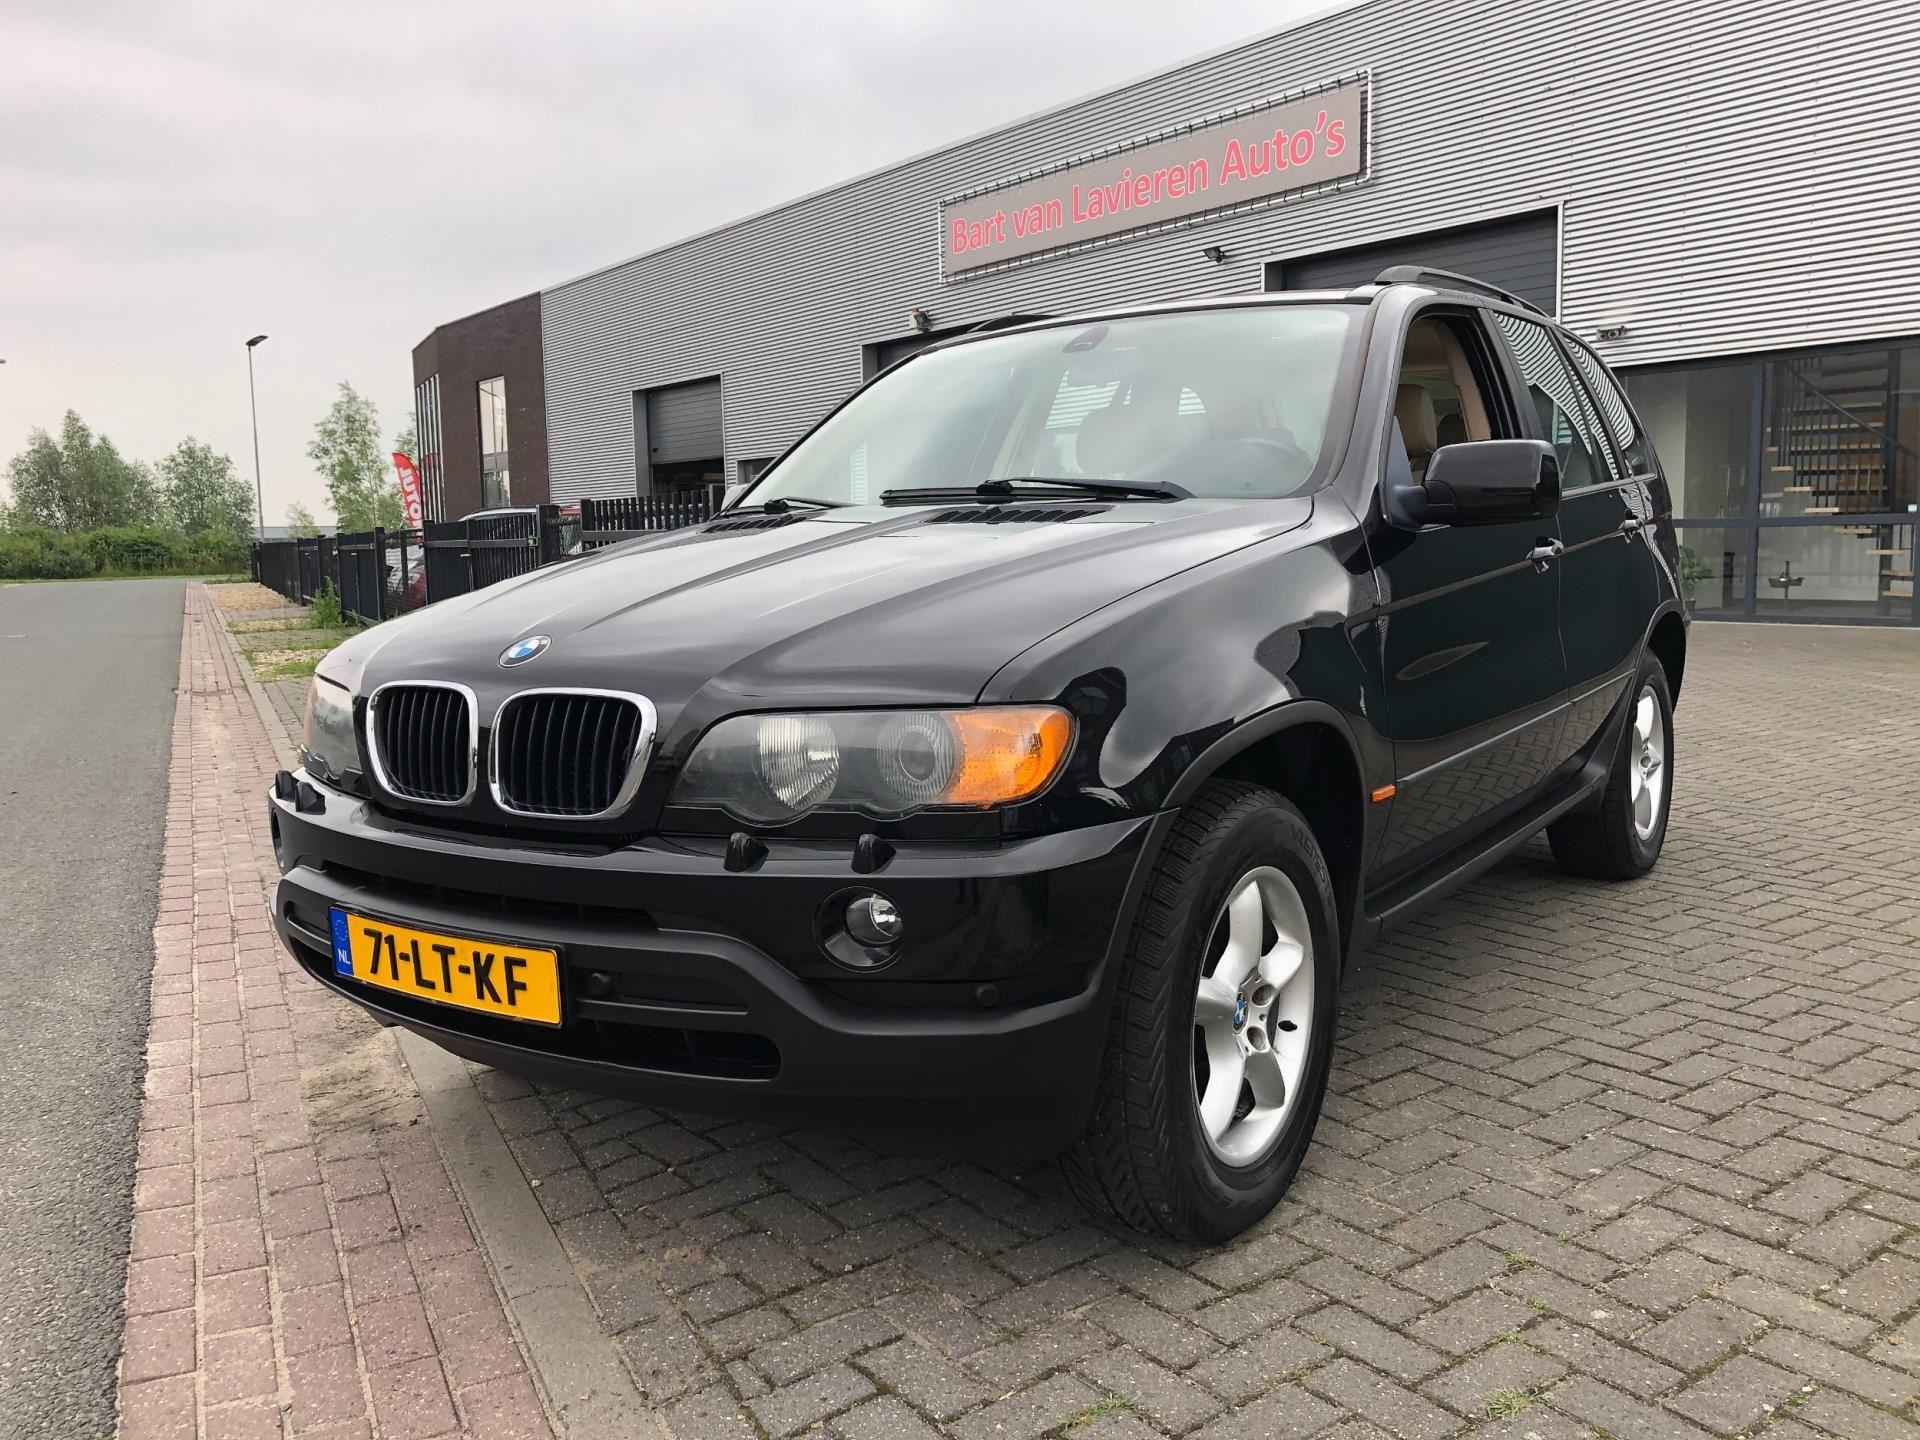 BMW X5 occasion - Bart van Lavieren Auto's